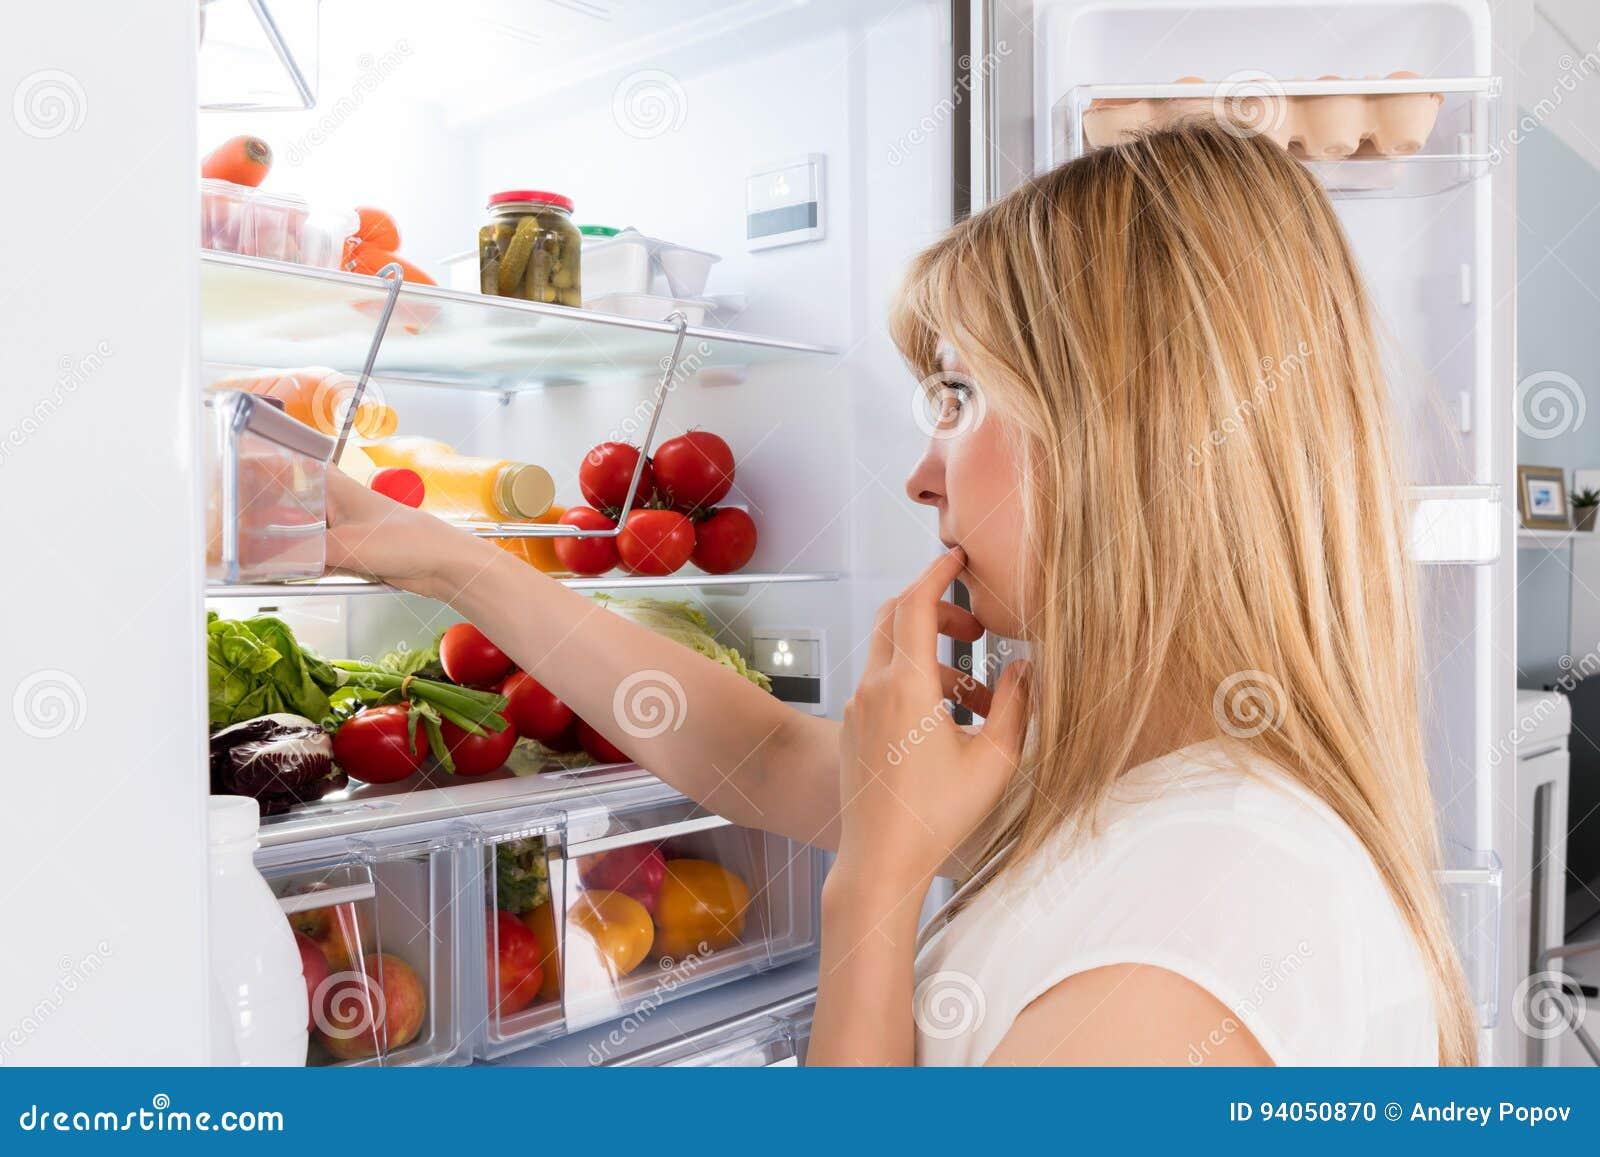 Jonge vrouw die in koelkast kijkt